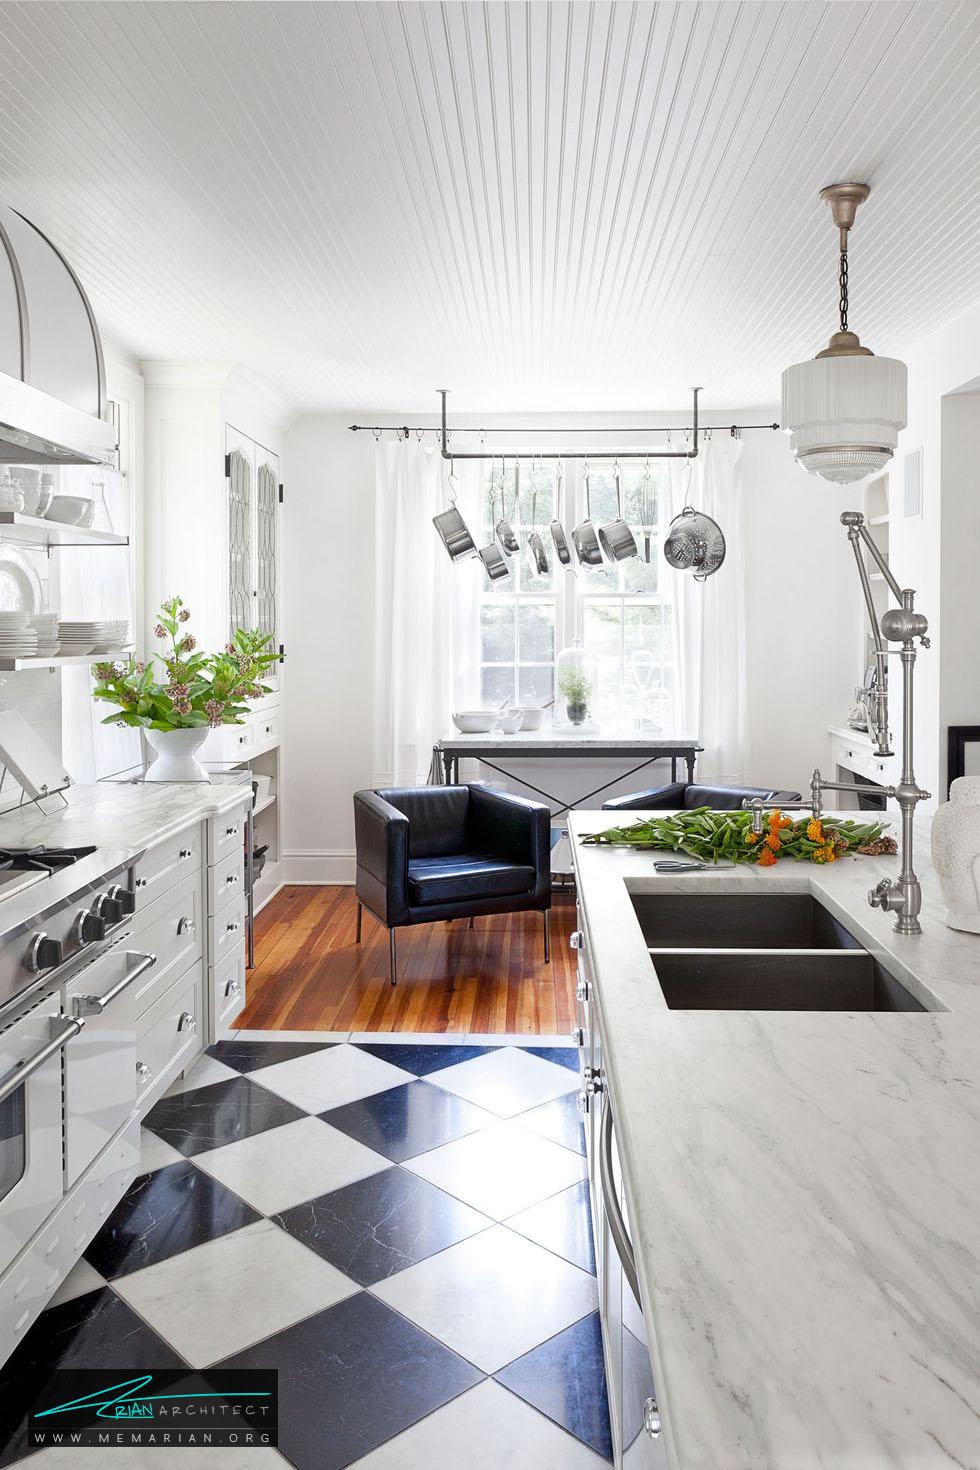 قفسه آهنی ساده - 20 ایده جذاب برای چیدمان دکوراسیون آشپزخانه